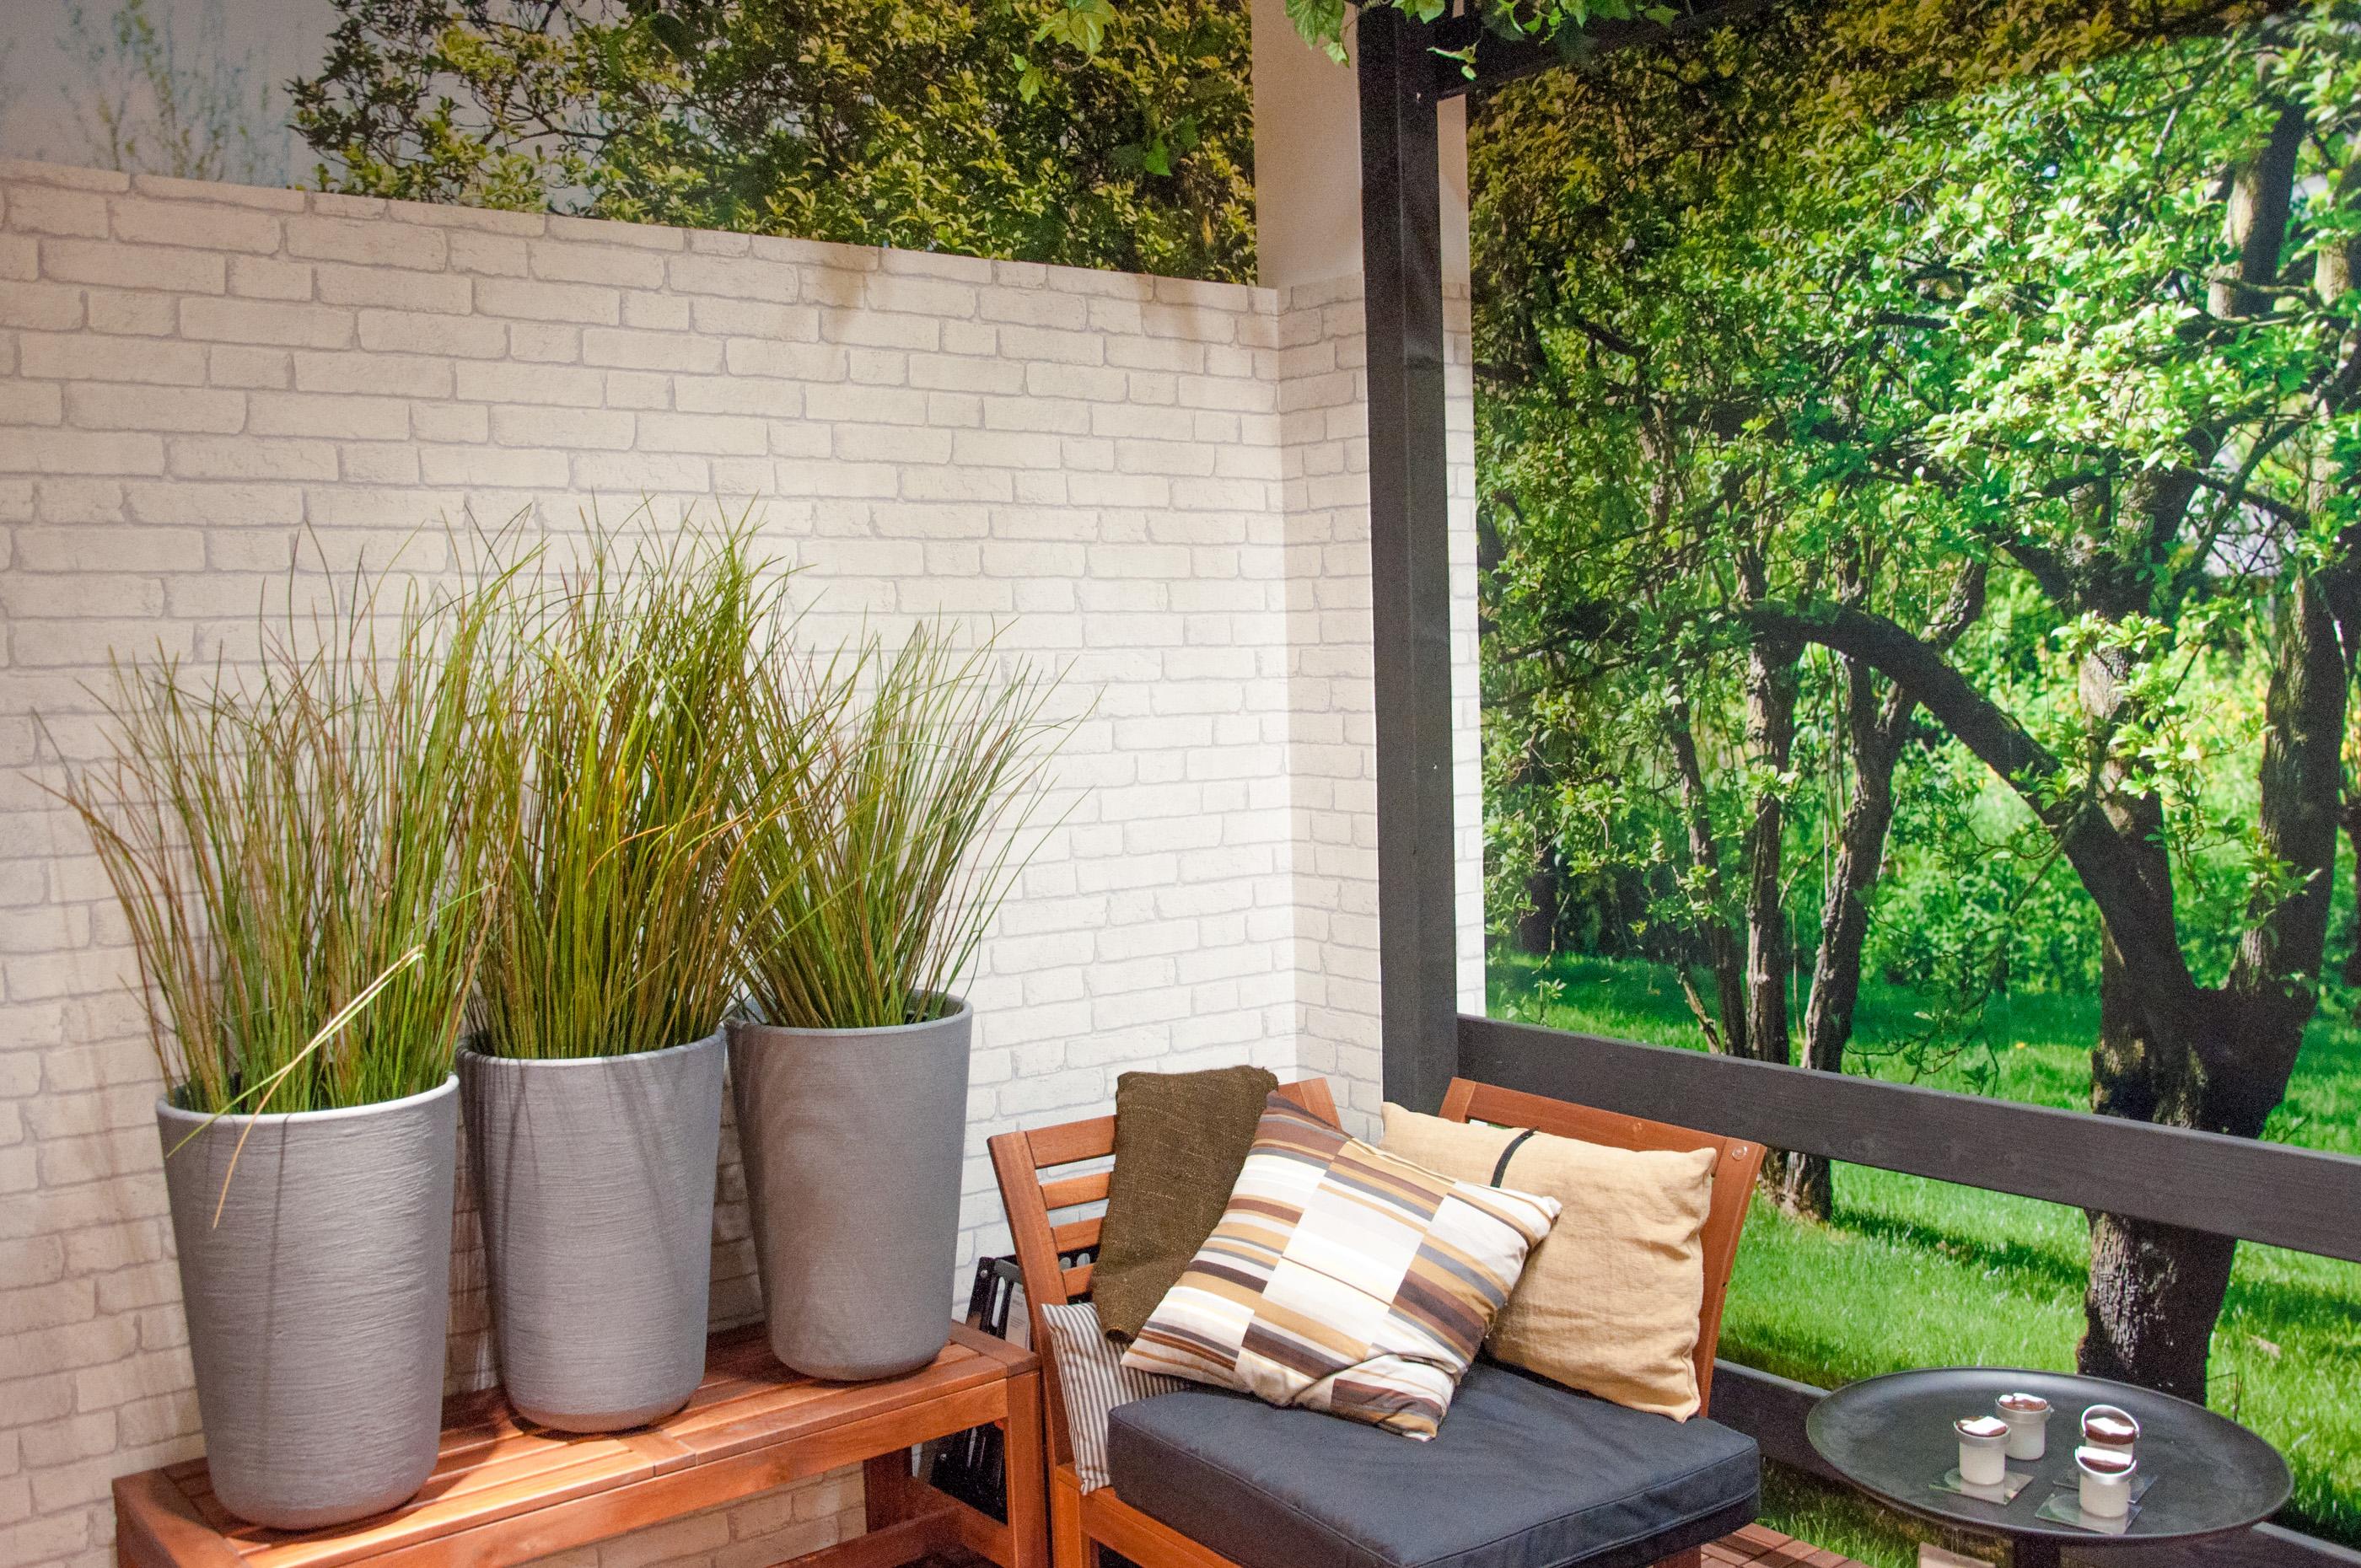 Garden furniture photo